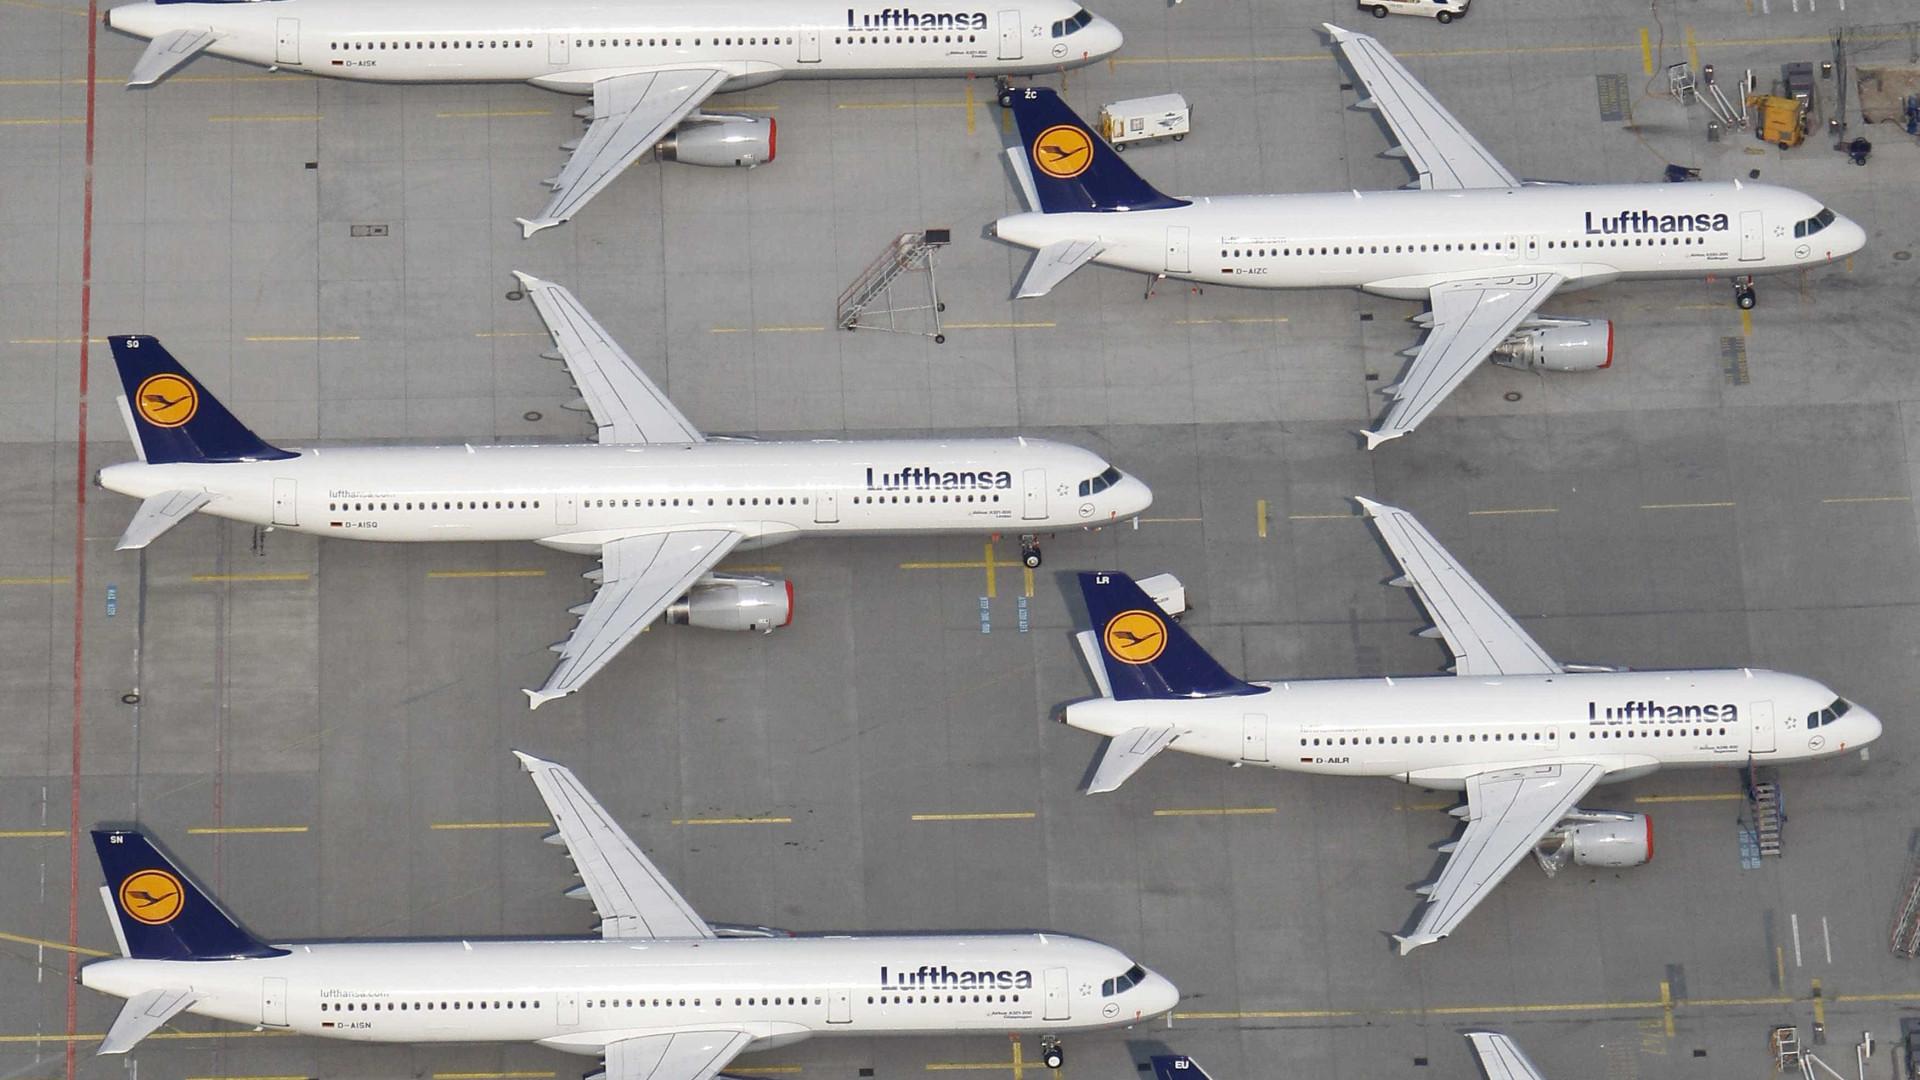 Lufthansa cancela 800 voos na terça-feira devido a greve em aeroportos